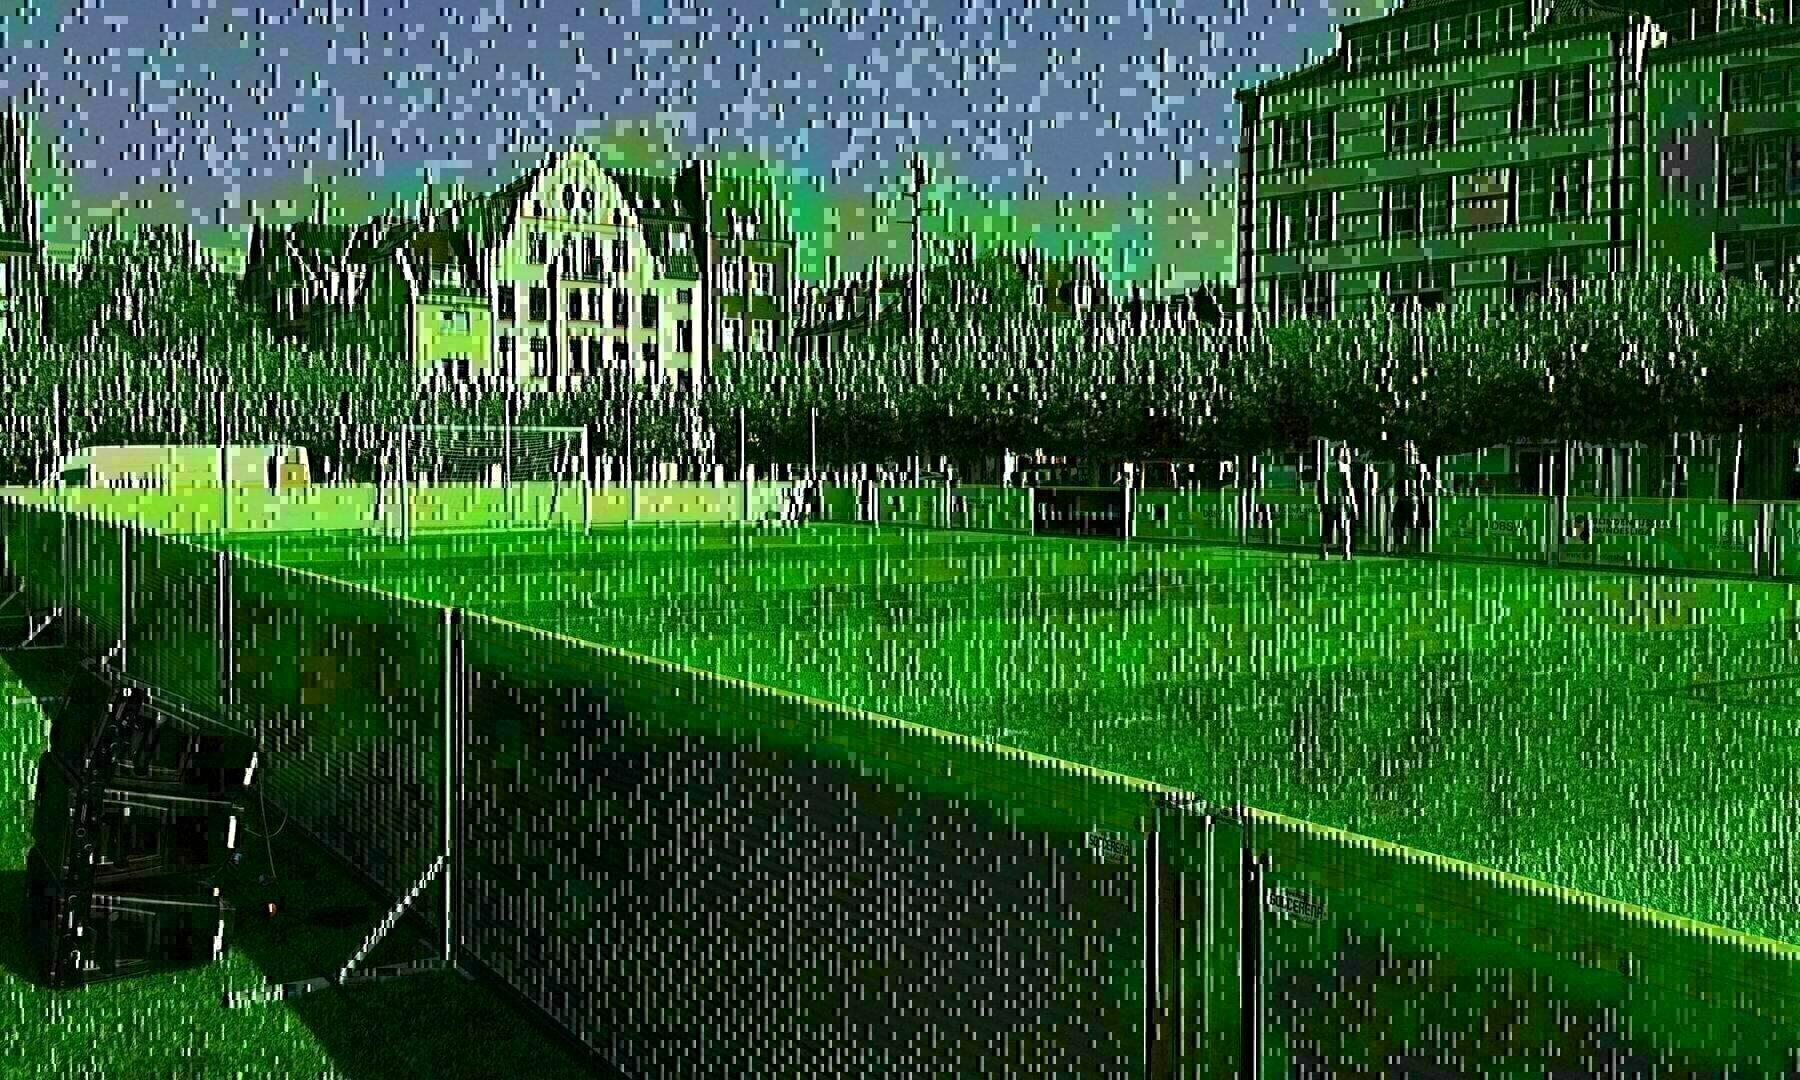 Der Düsseldorfer Burgplatz war im August Spielort des Finalspieltages der Deutschen Meisterschaft